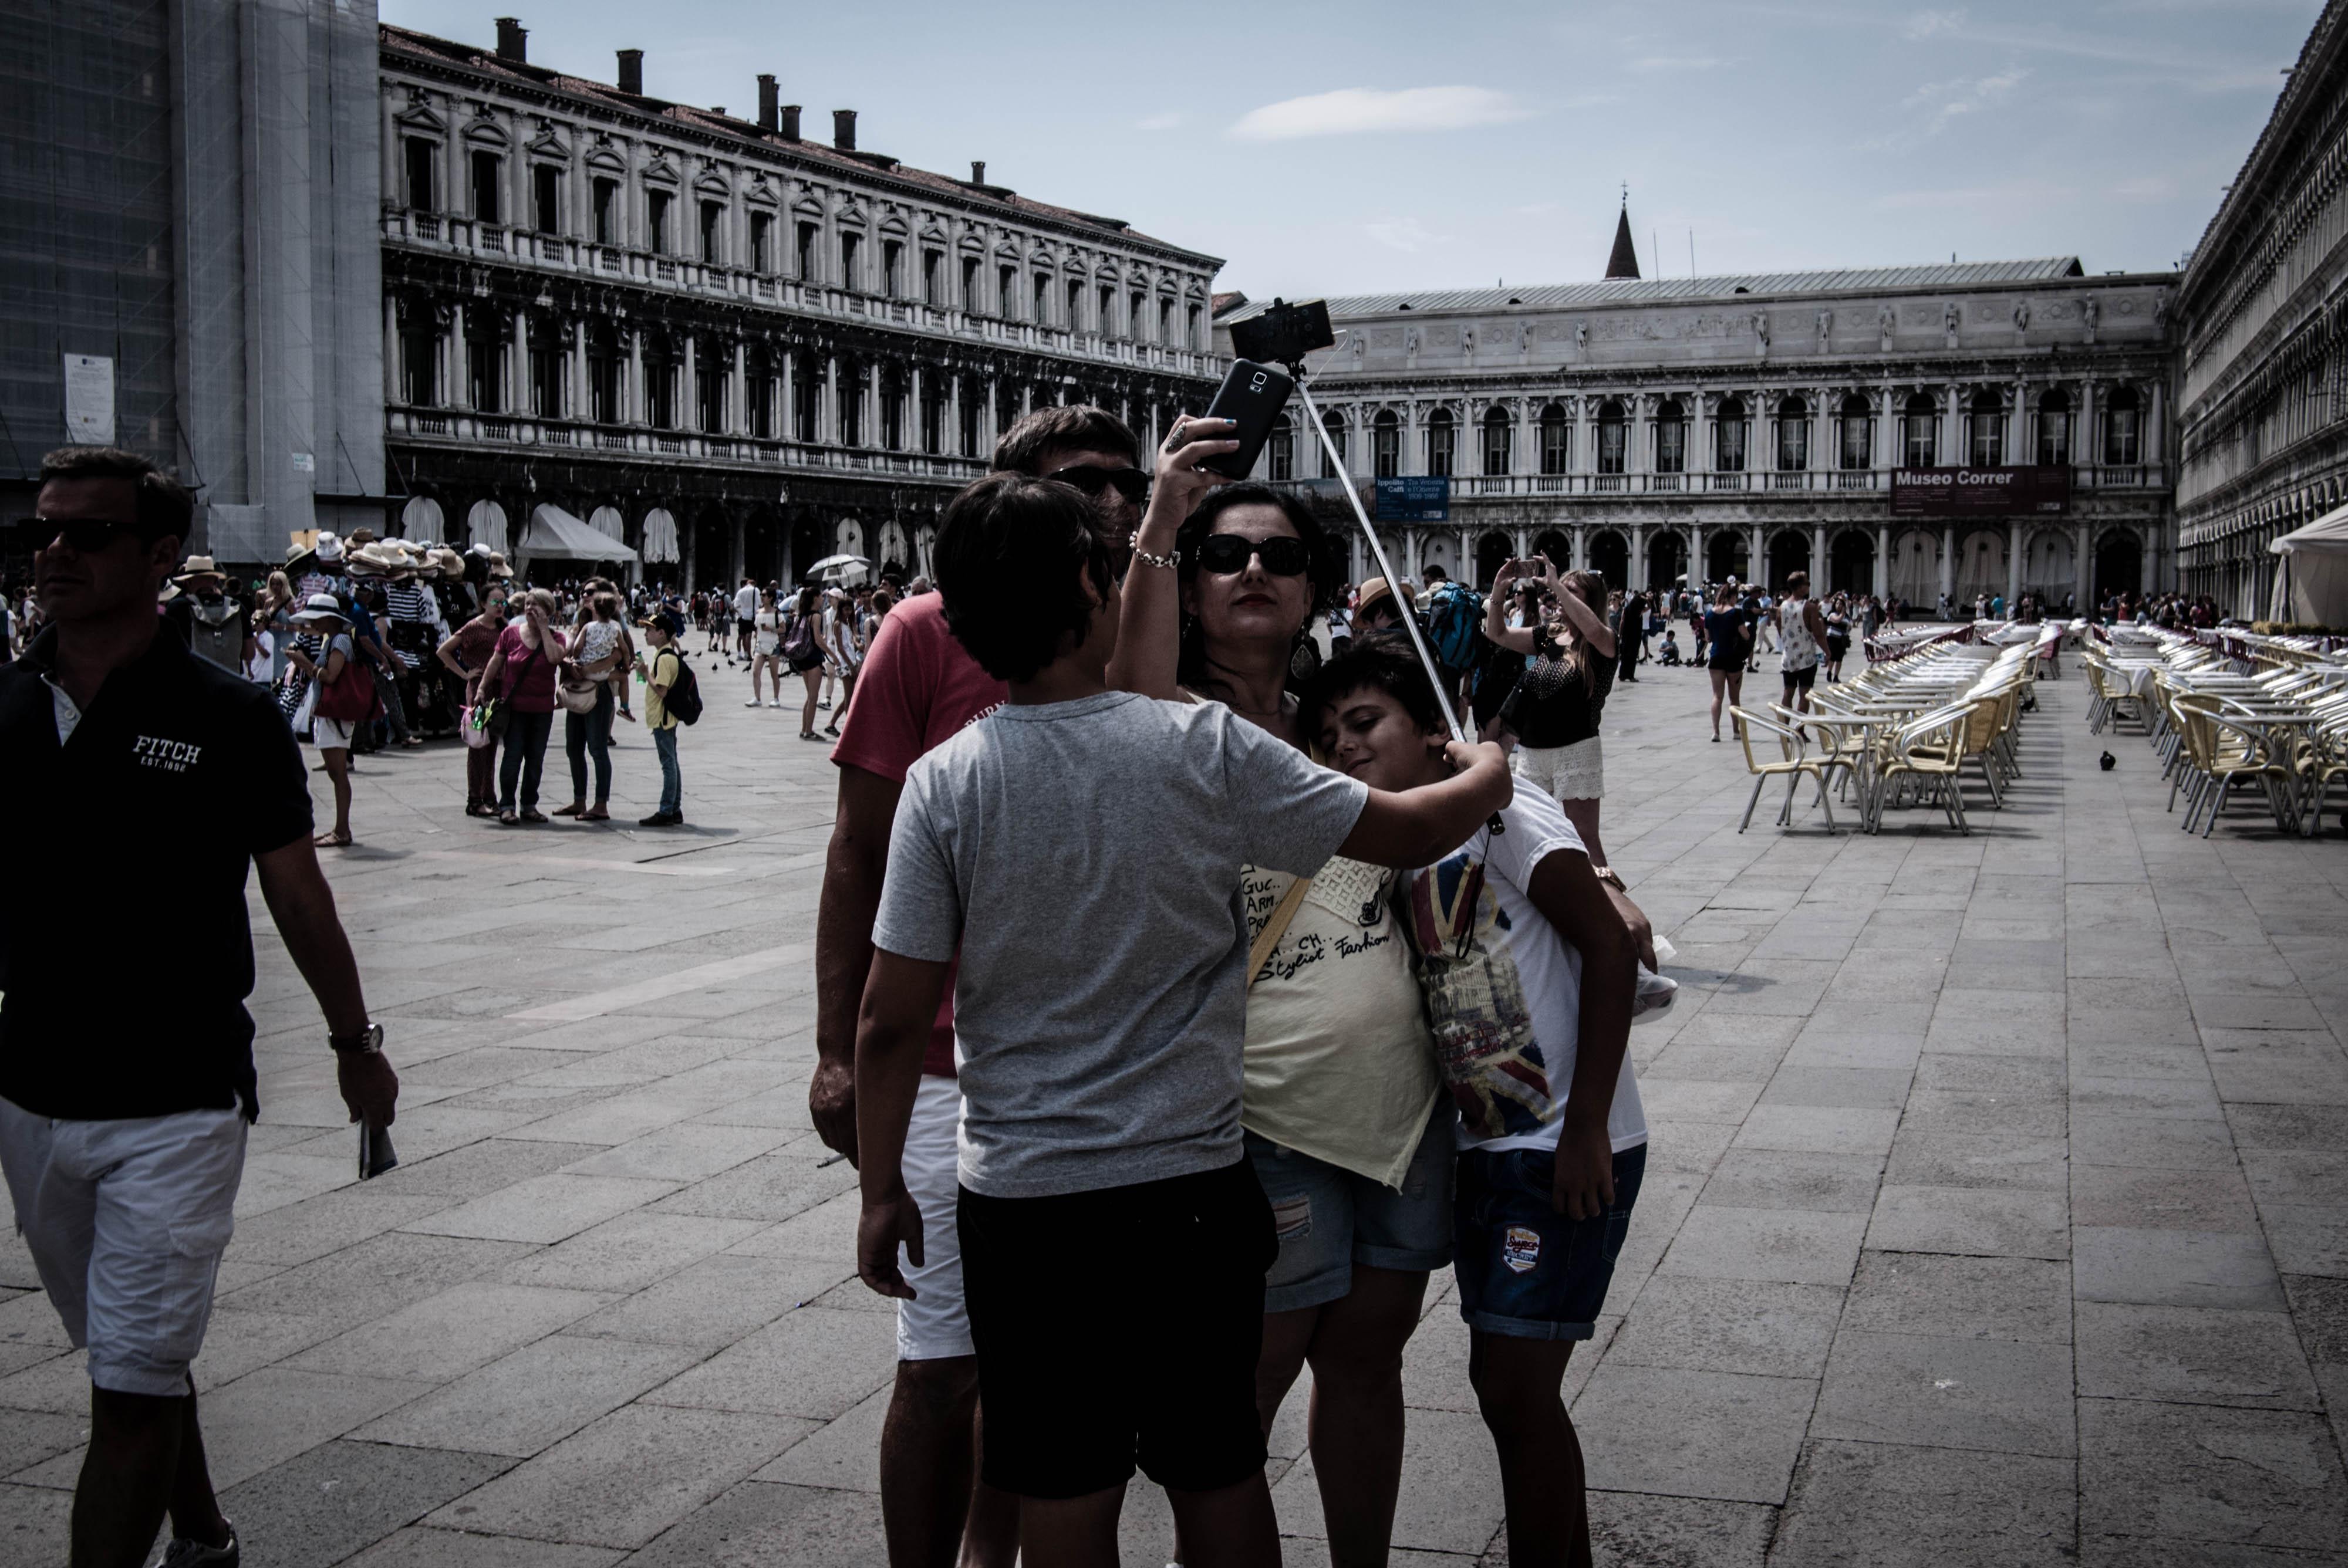 Selfies #9